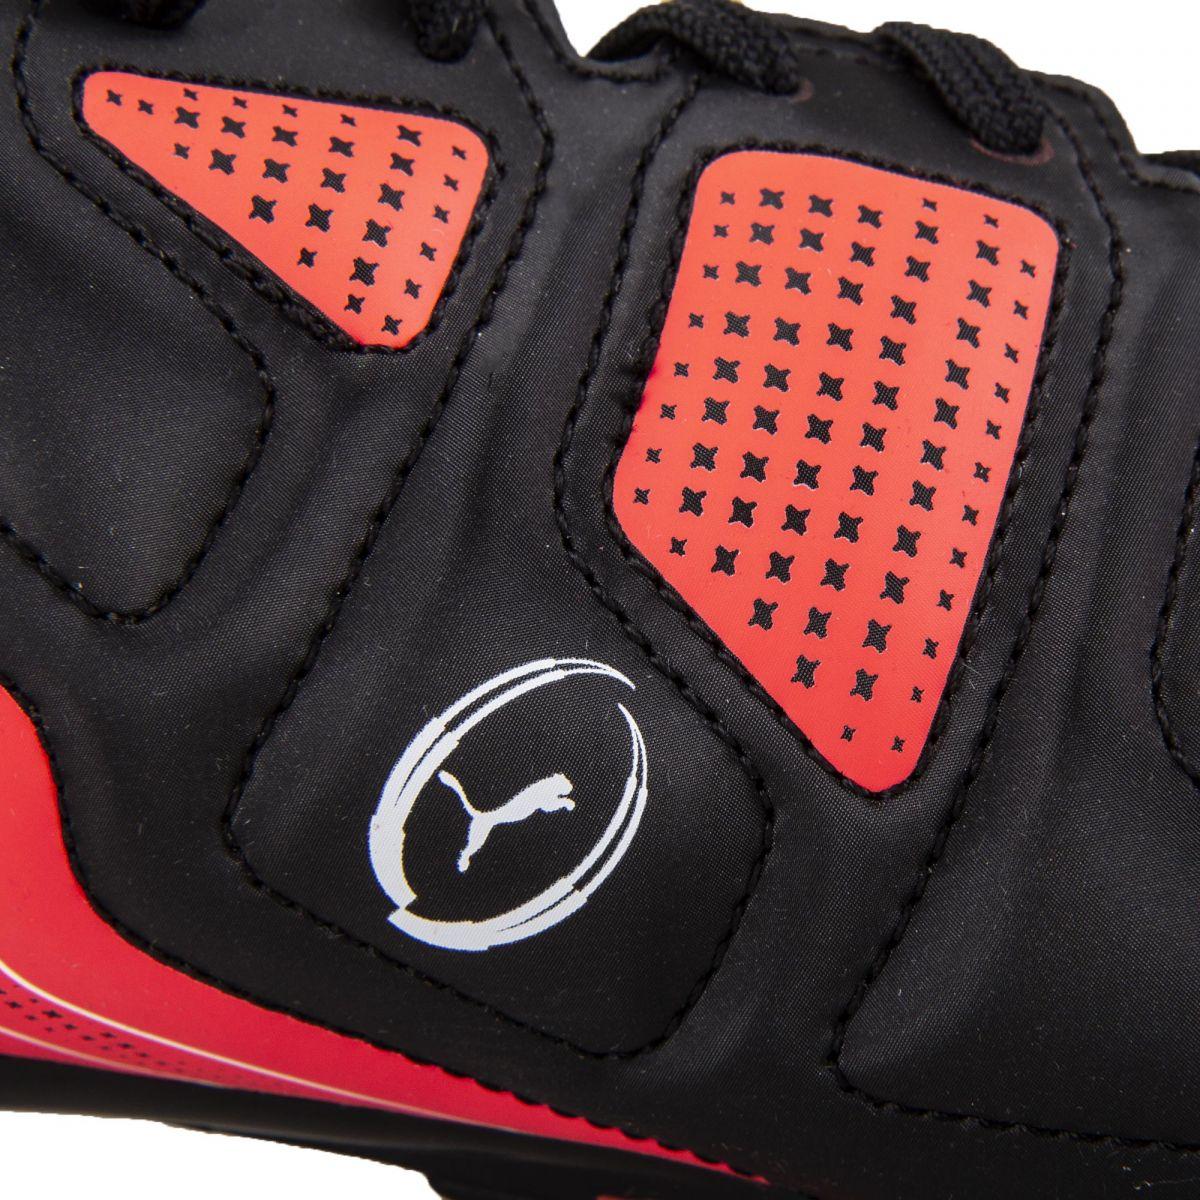 70ddbadc432d6 Noir Homme À Foot Prix Crampon Chaussures Dégriffé amp  Puma Rouge De  Z4t46wgqA